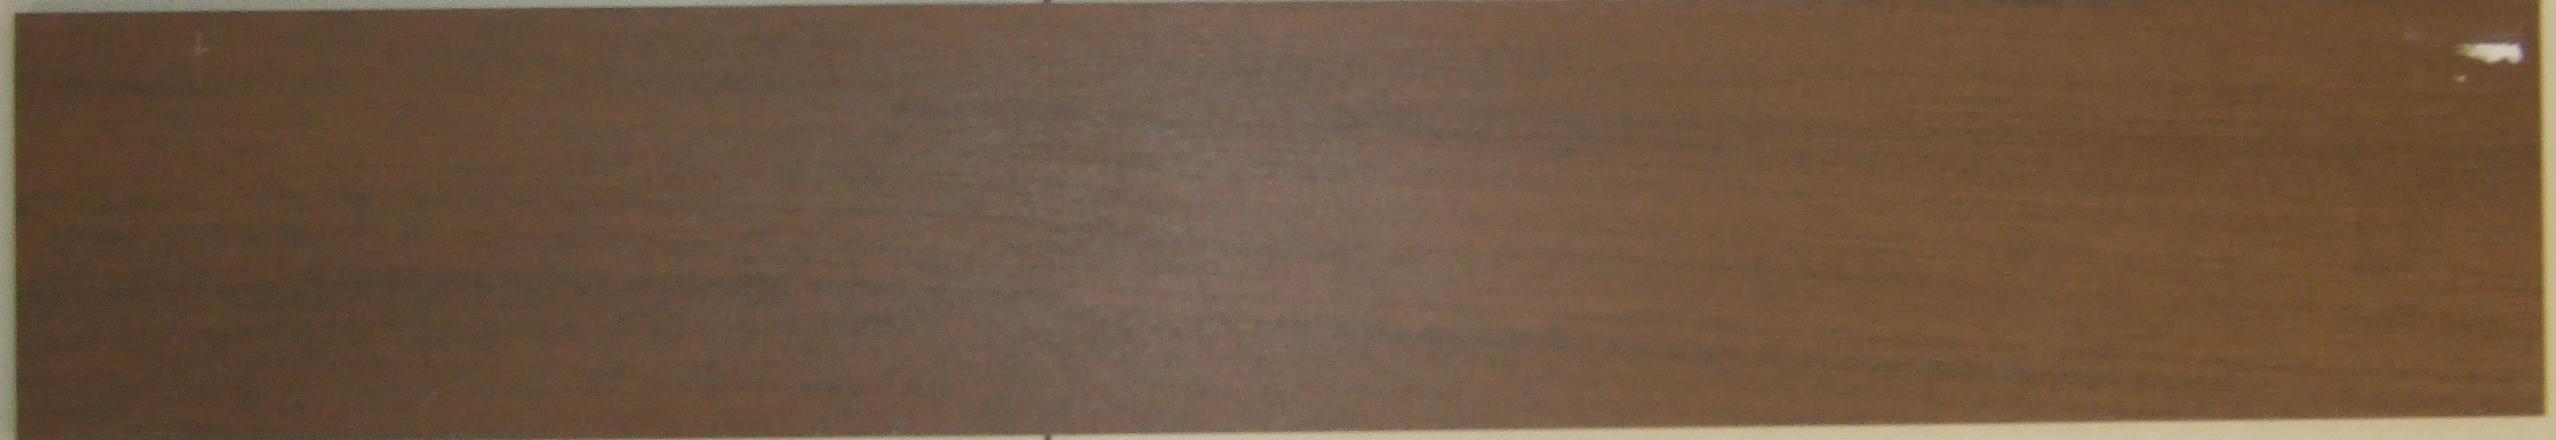 กระเบื้องลายไม้ 15x90 cm รุ่น VHF-07001